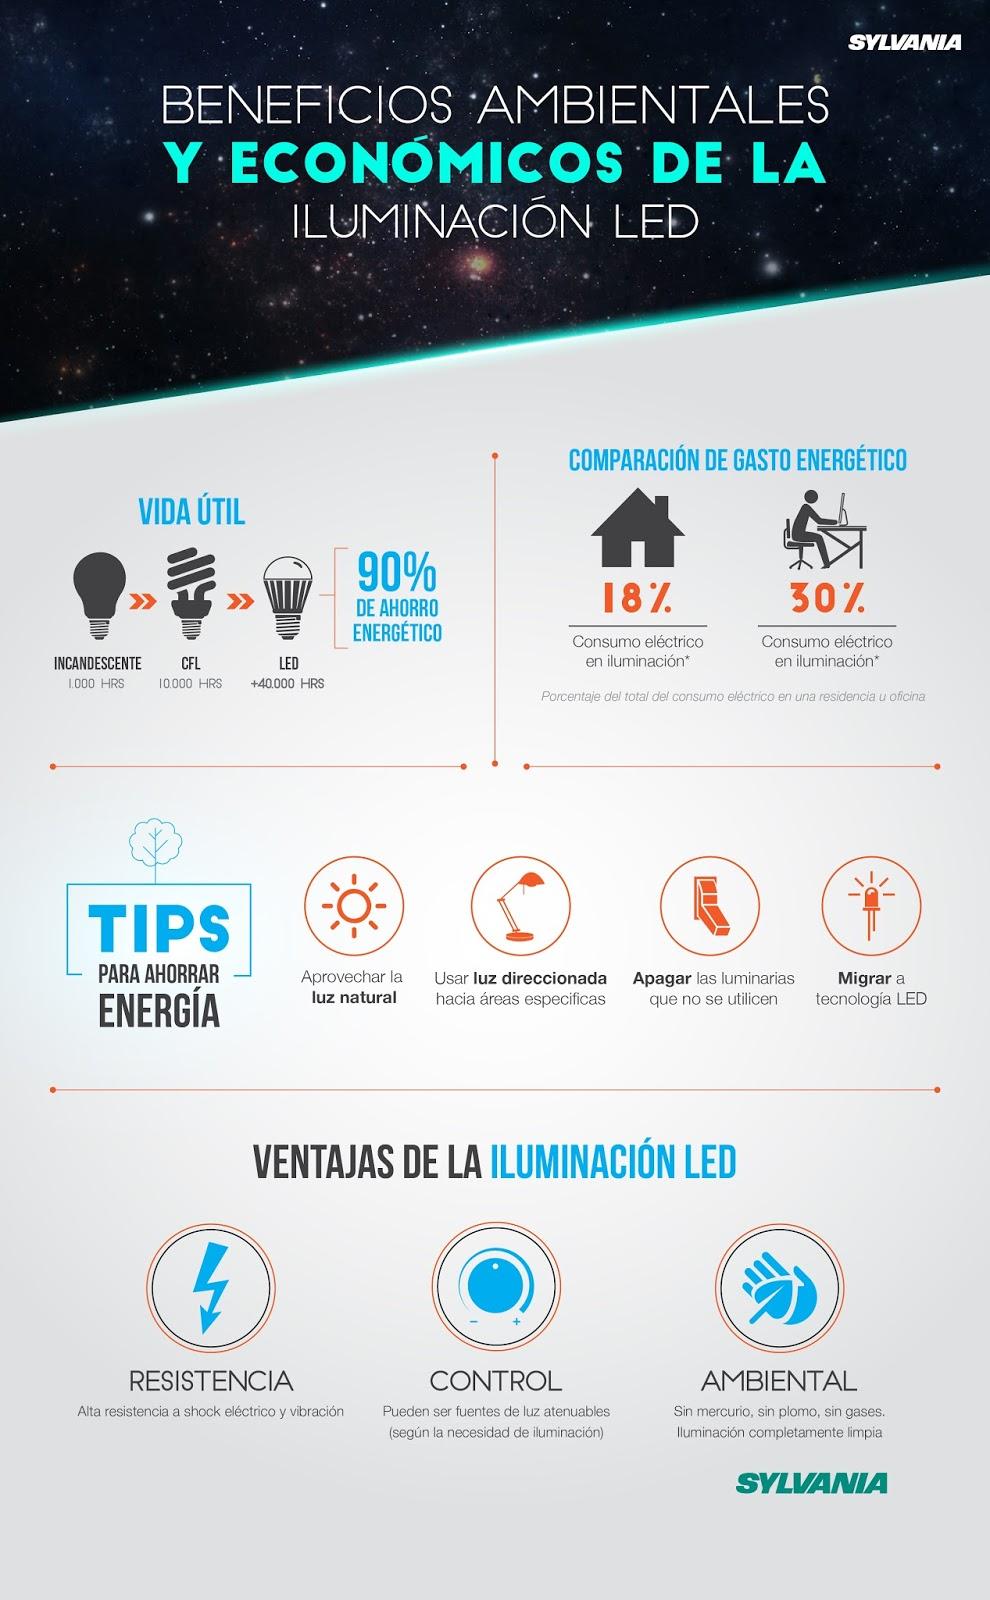 Beneficios ambientales y económicos de la iluminación led (Infografía)